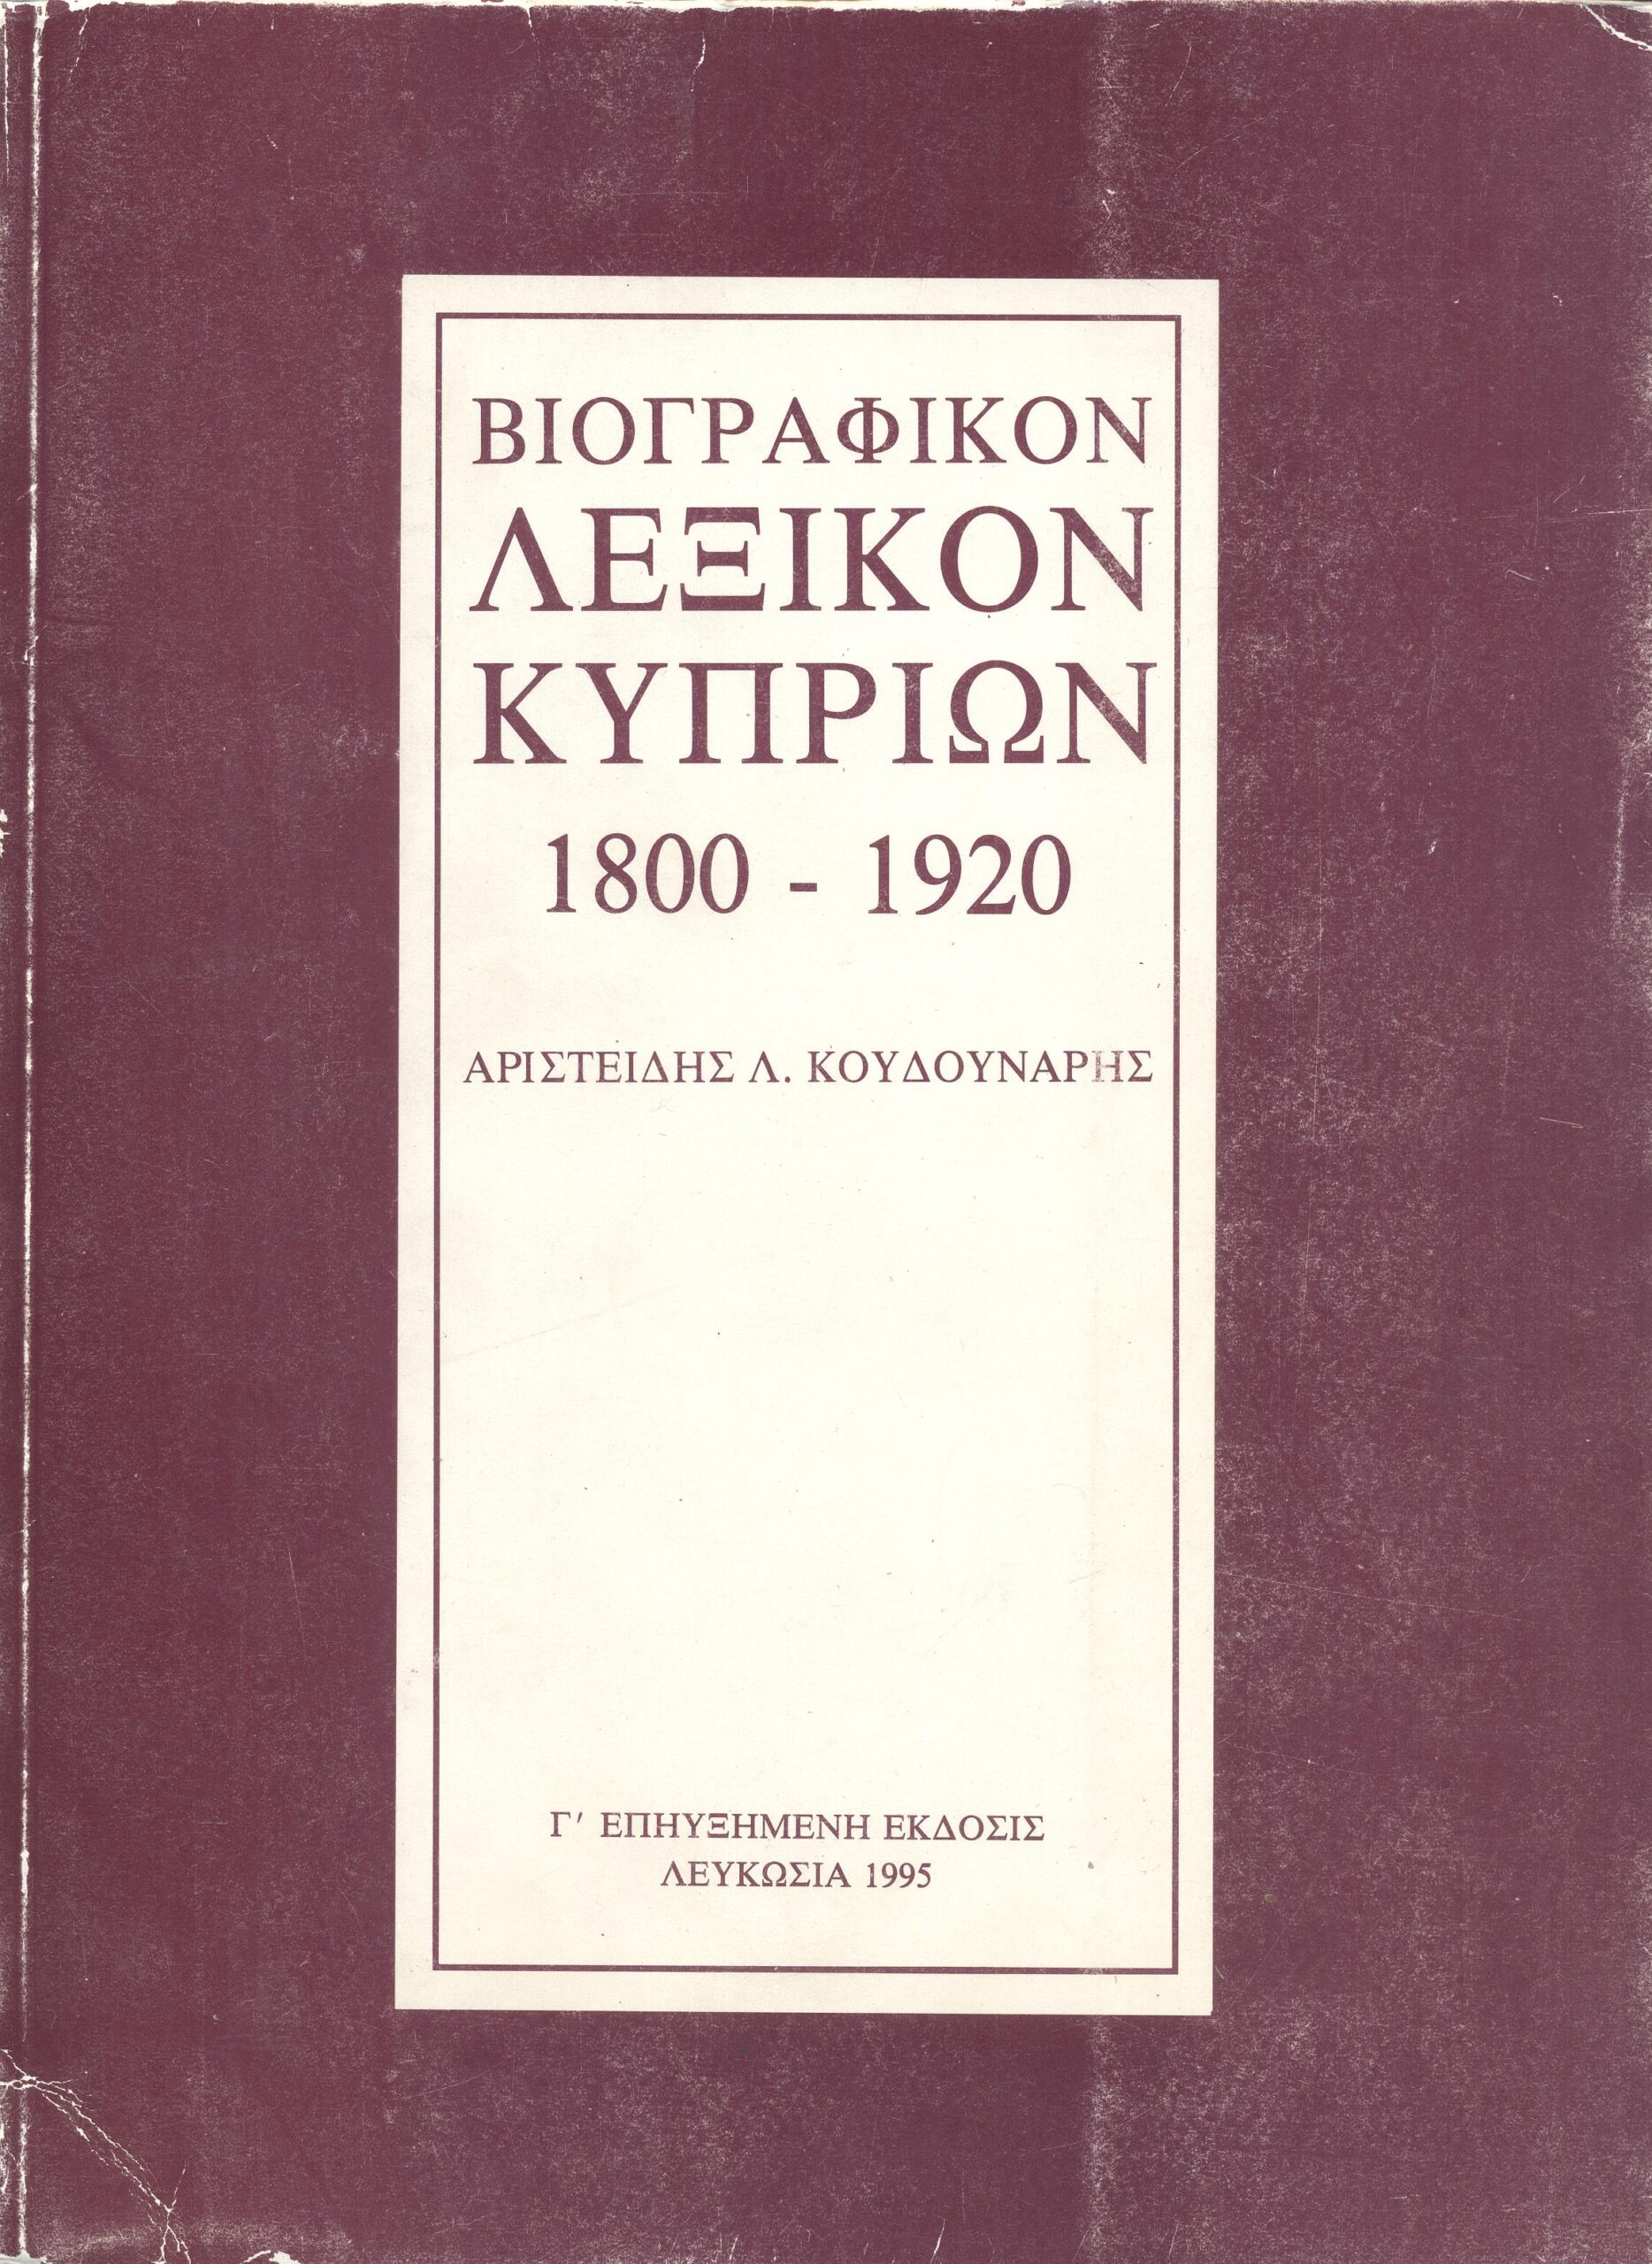 Βιογραφικόν Λεξικόν Κυπρίων 1800 - 1920 (3η έκδοση με υπογραφή απο τον συγγραφέα)